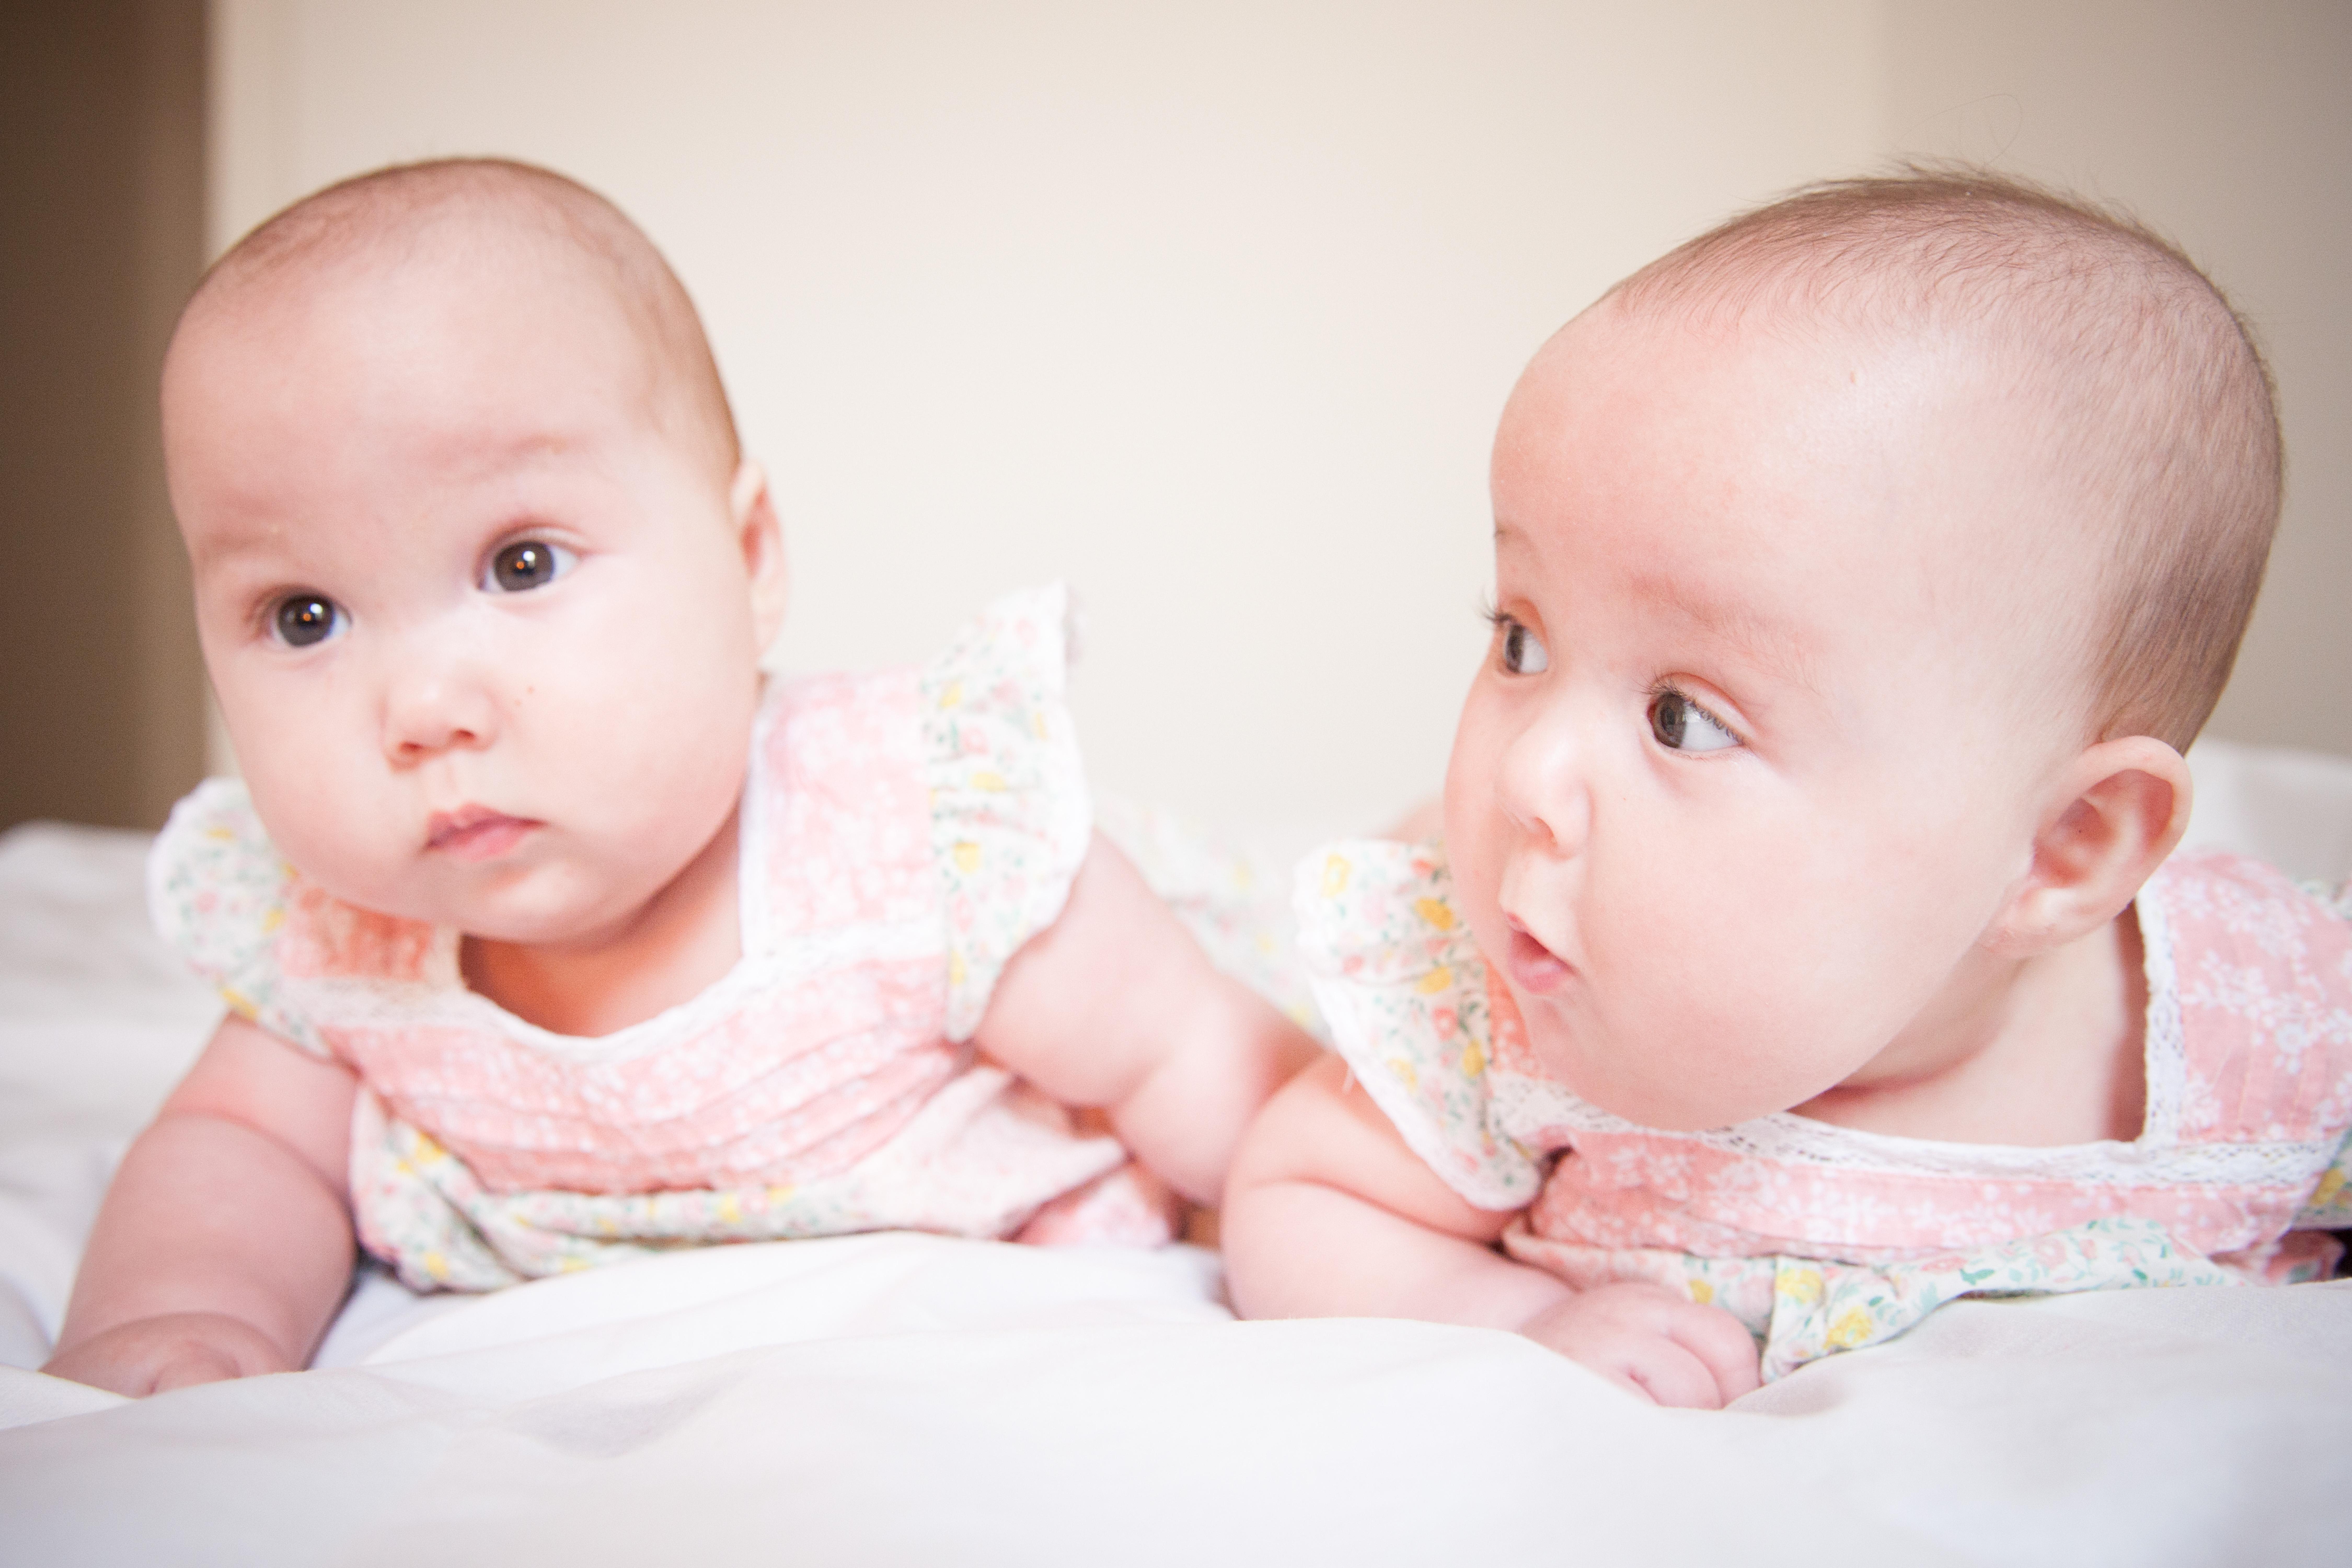 Surrogatarrangemang blir vanligare passerar antalet adoptioner hos ofrivilligt barnlösa - Nordic Surrogacy